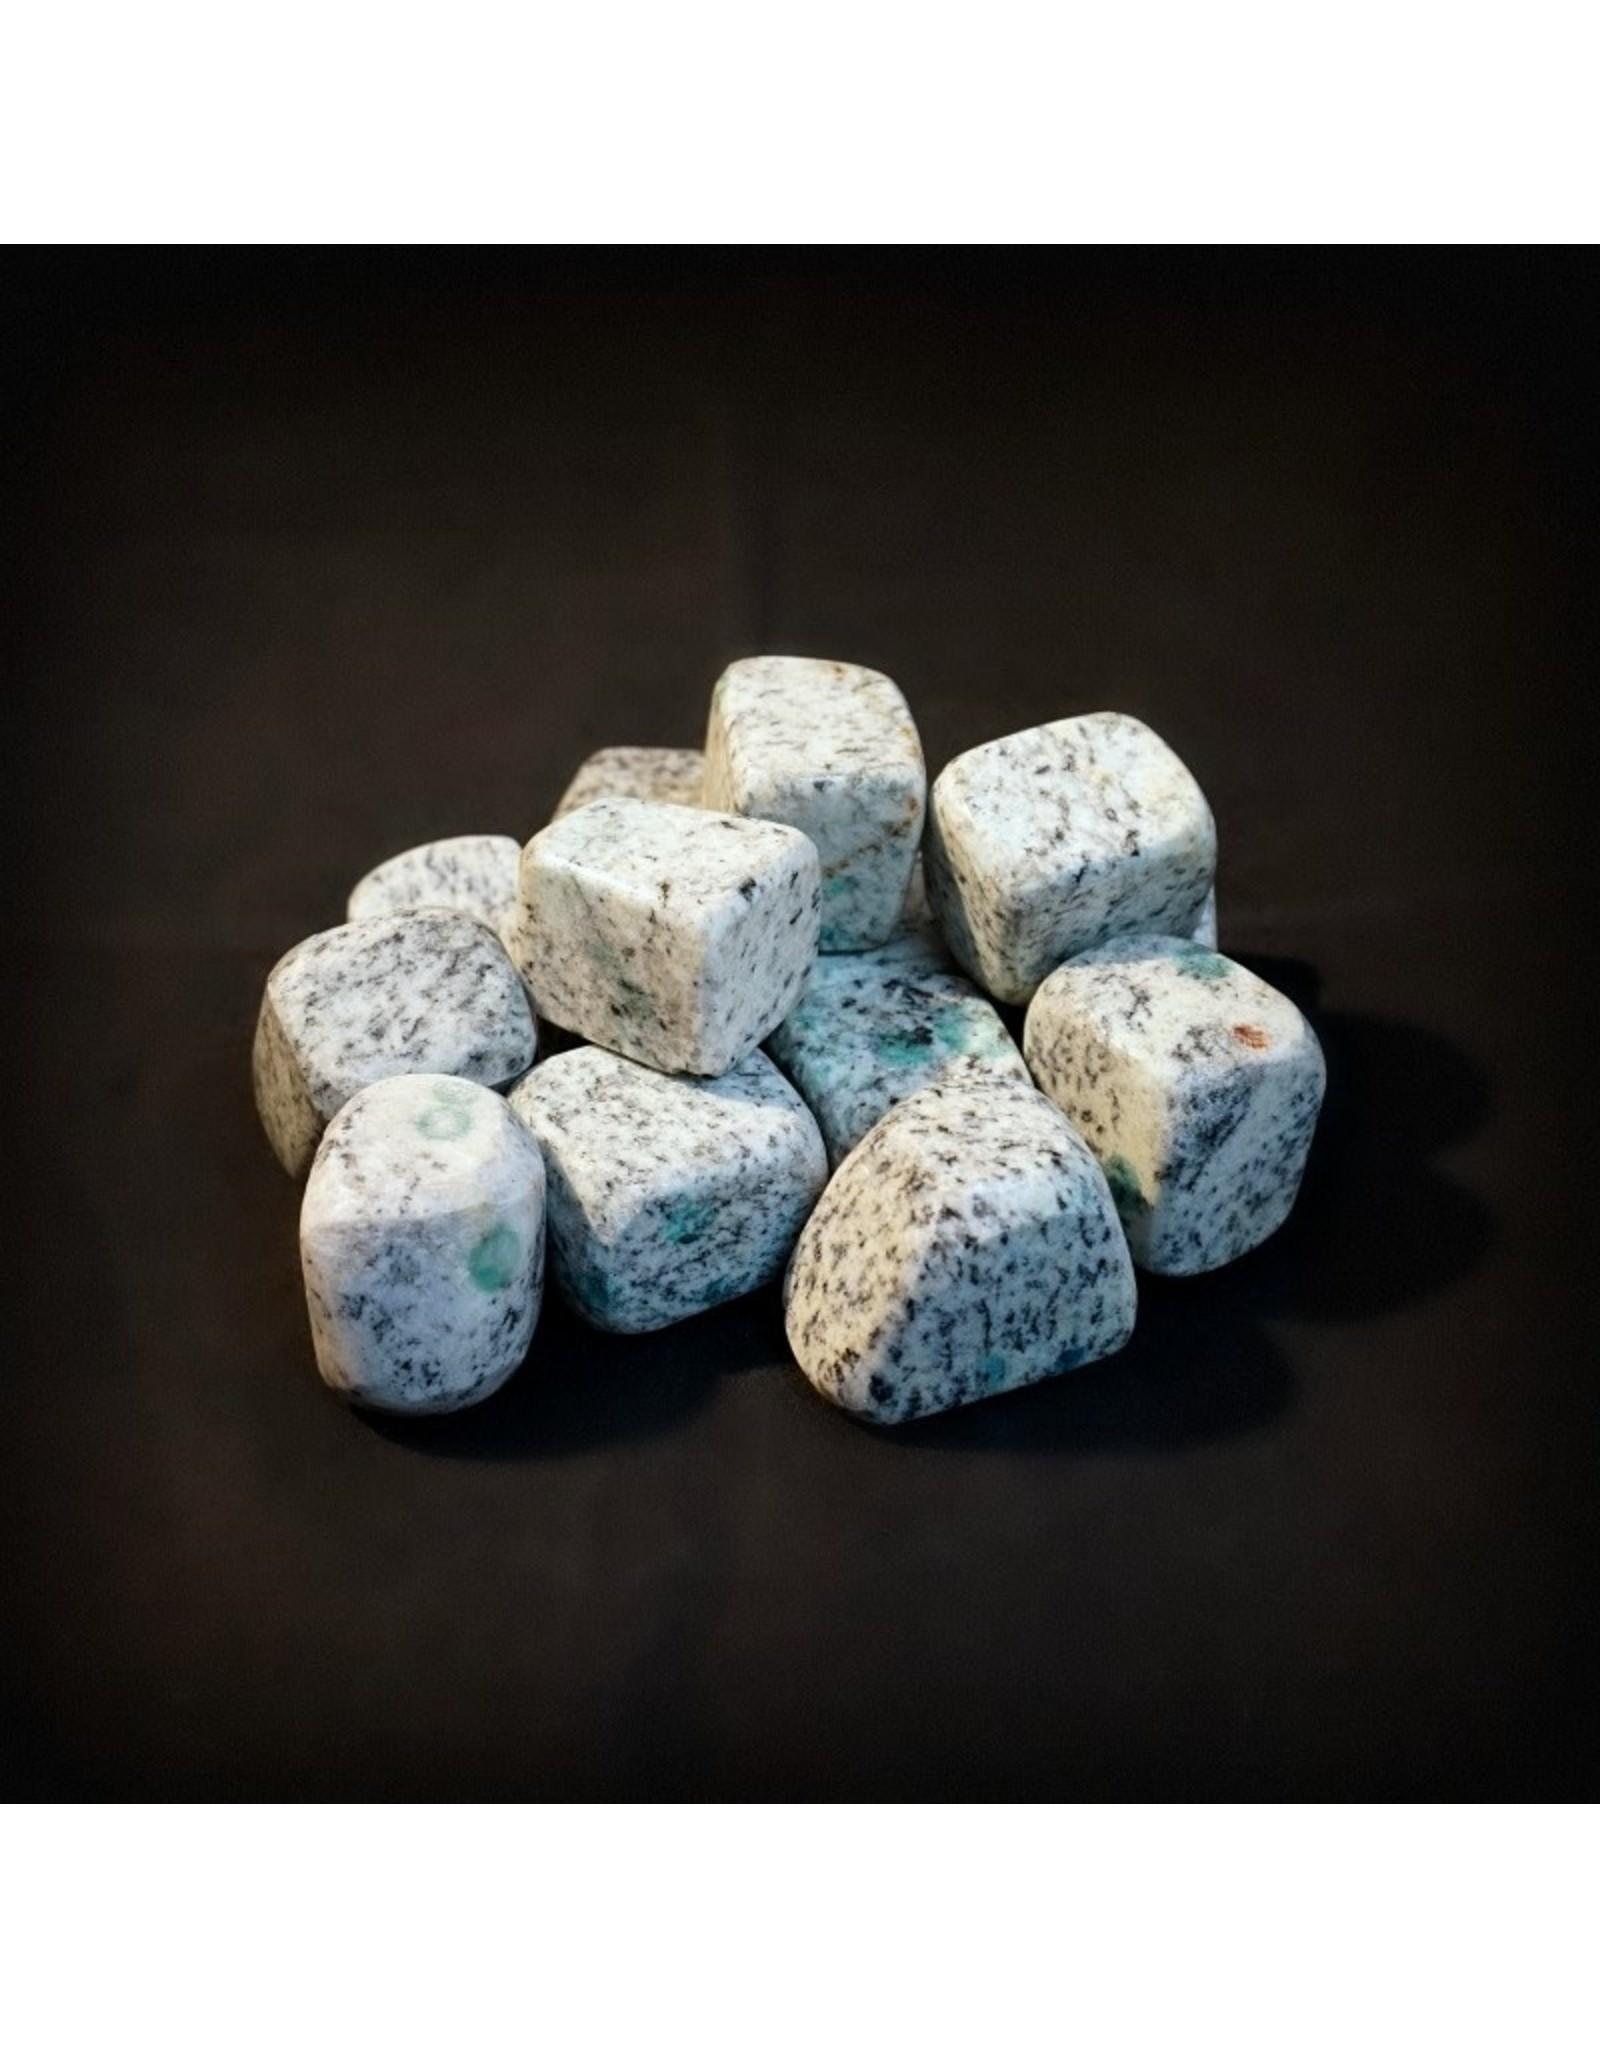 K2 Afghanite Tumbled Stone